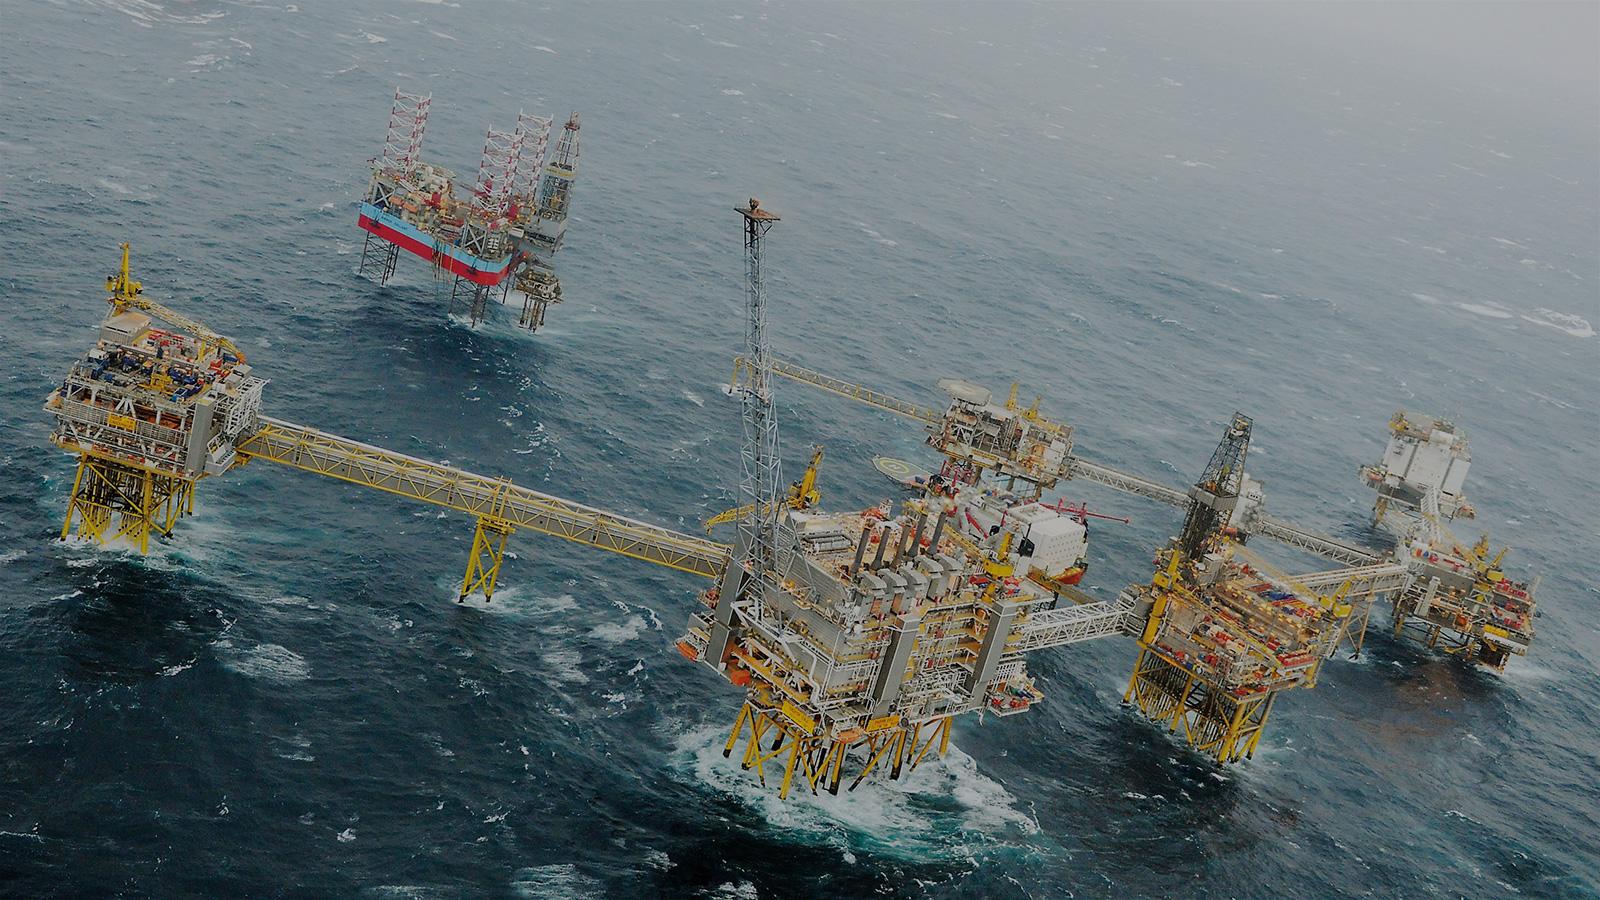 La Norvège parviendra-t-elle à se détourner des hydrocarbures?